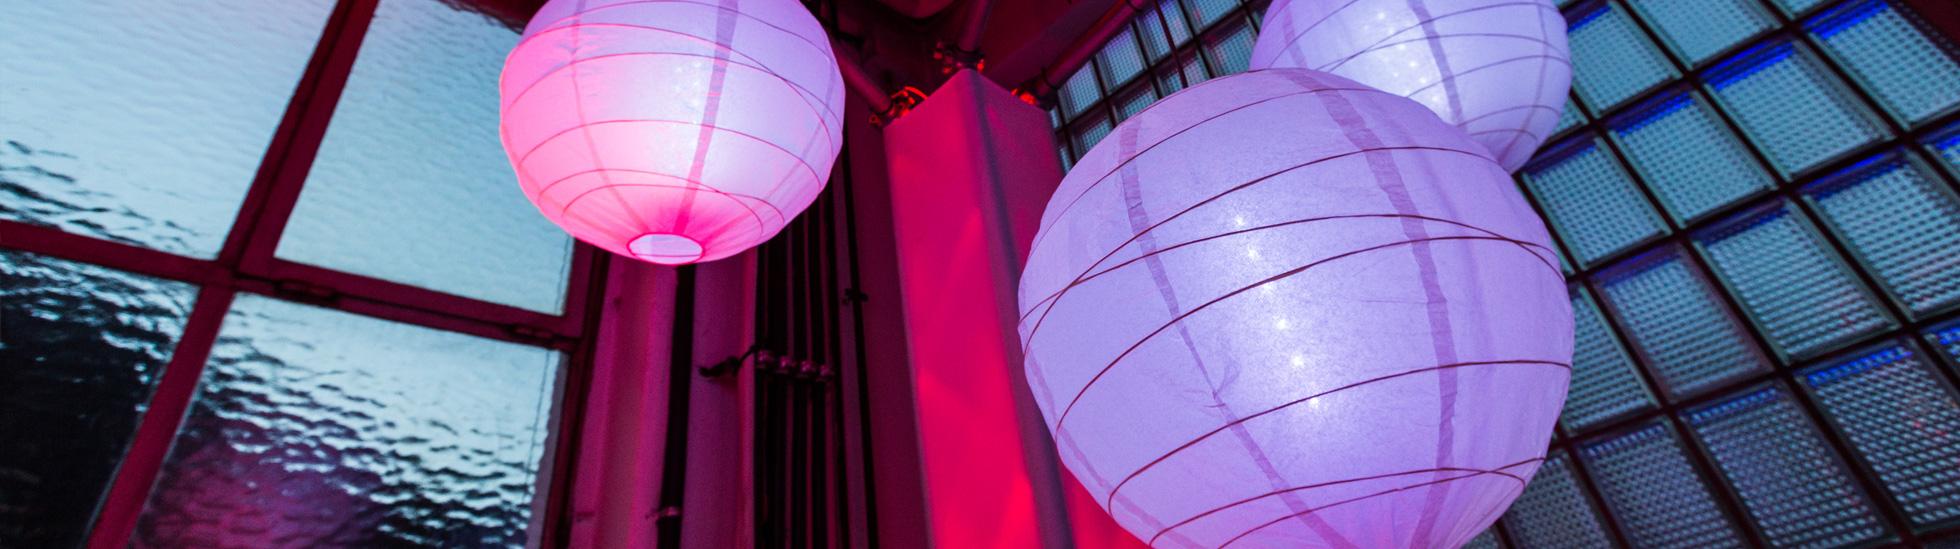 Titelbild für den Themenbereich Eventfotografie vom Fotostudio Braxart Fotografie von Hubert Braxmaier